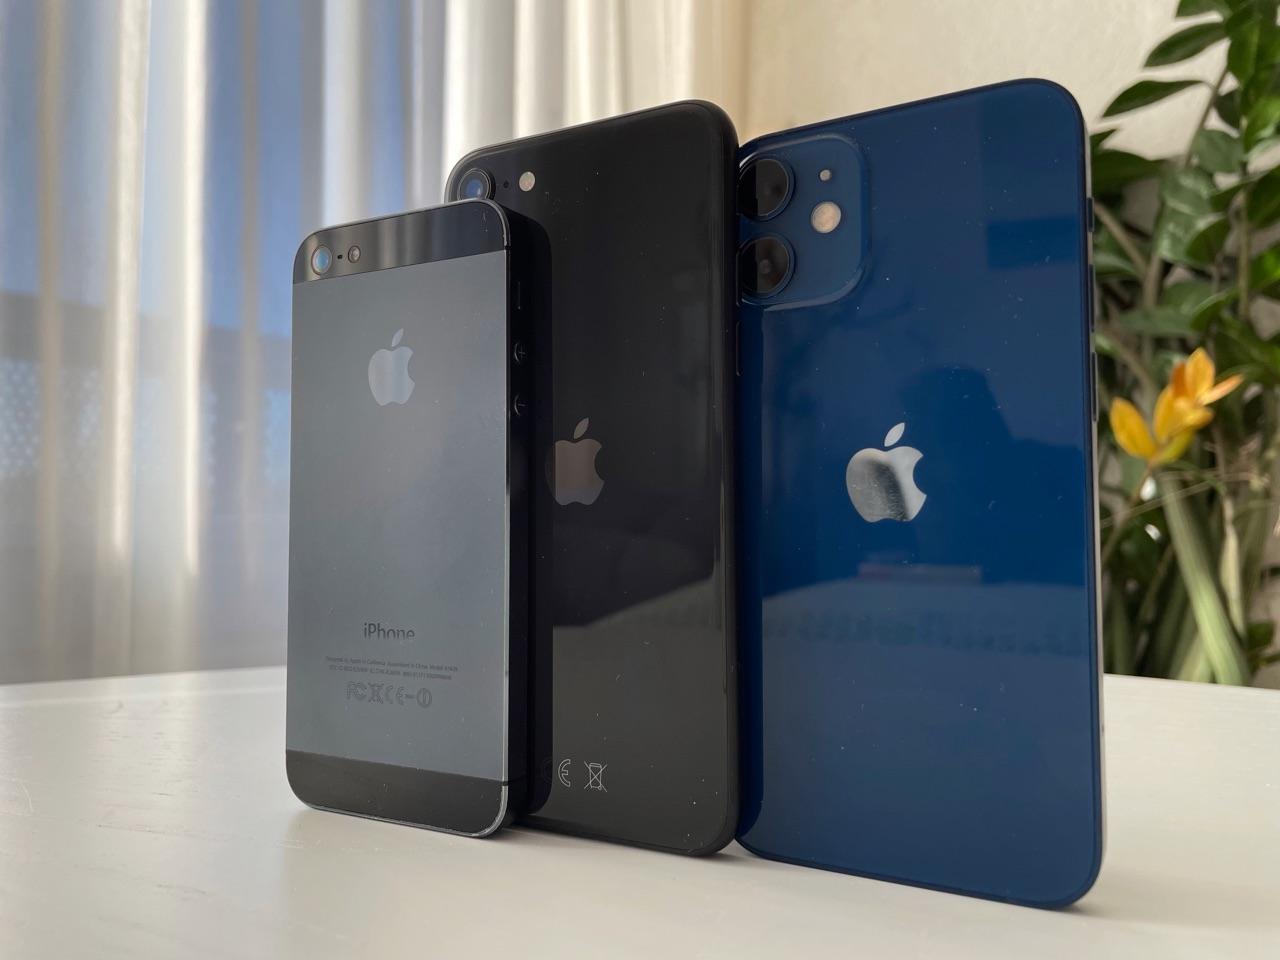 Rijtje voor iPhone 12 mini review met iPhone 5 en iPhone SE 2020.